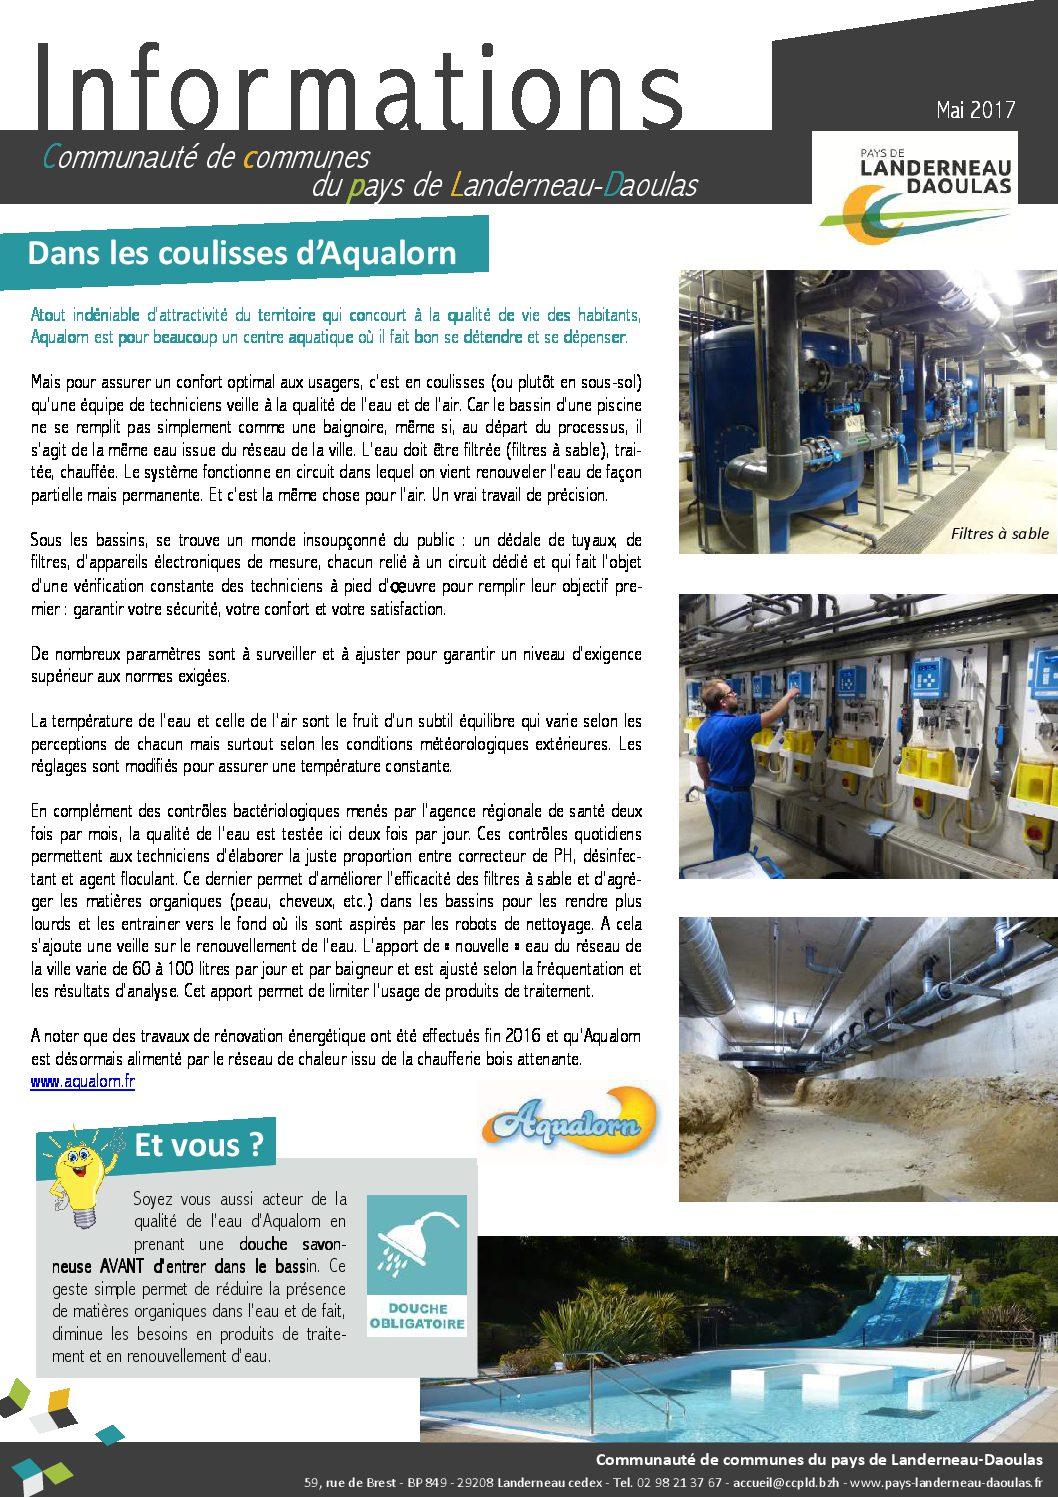 CCPLD Info - Mai 2017 : Les coulisses d'Aqualorn